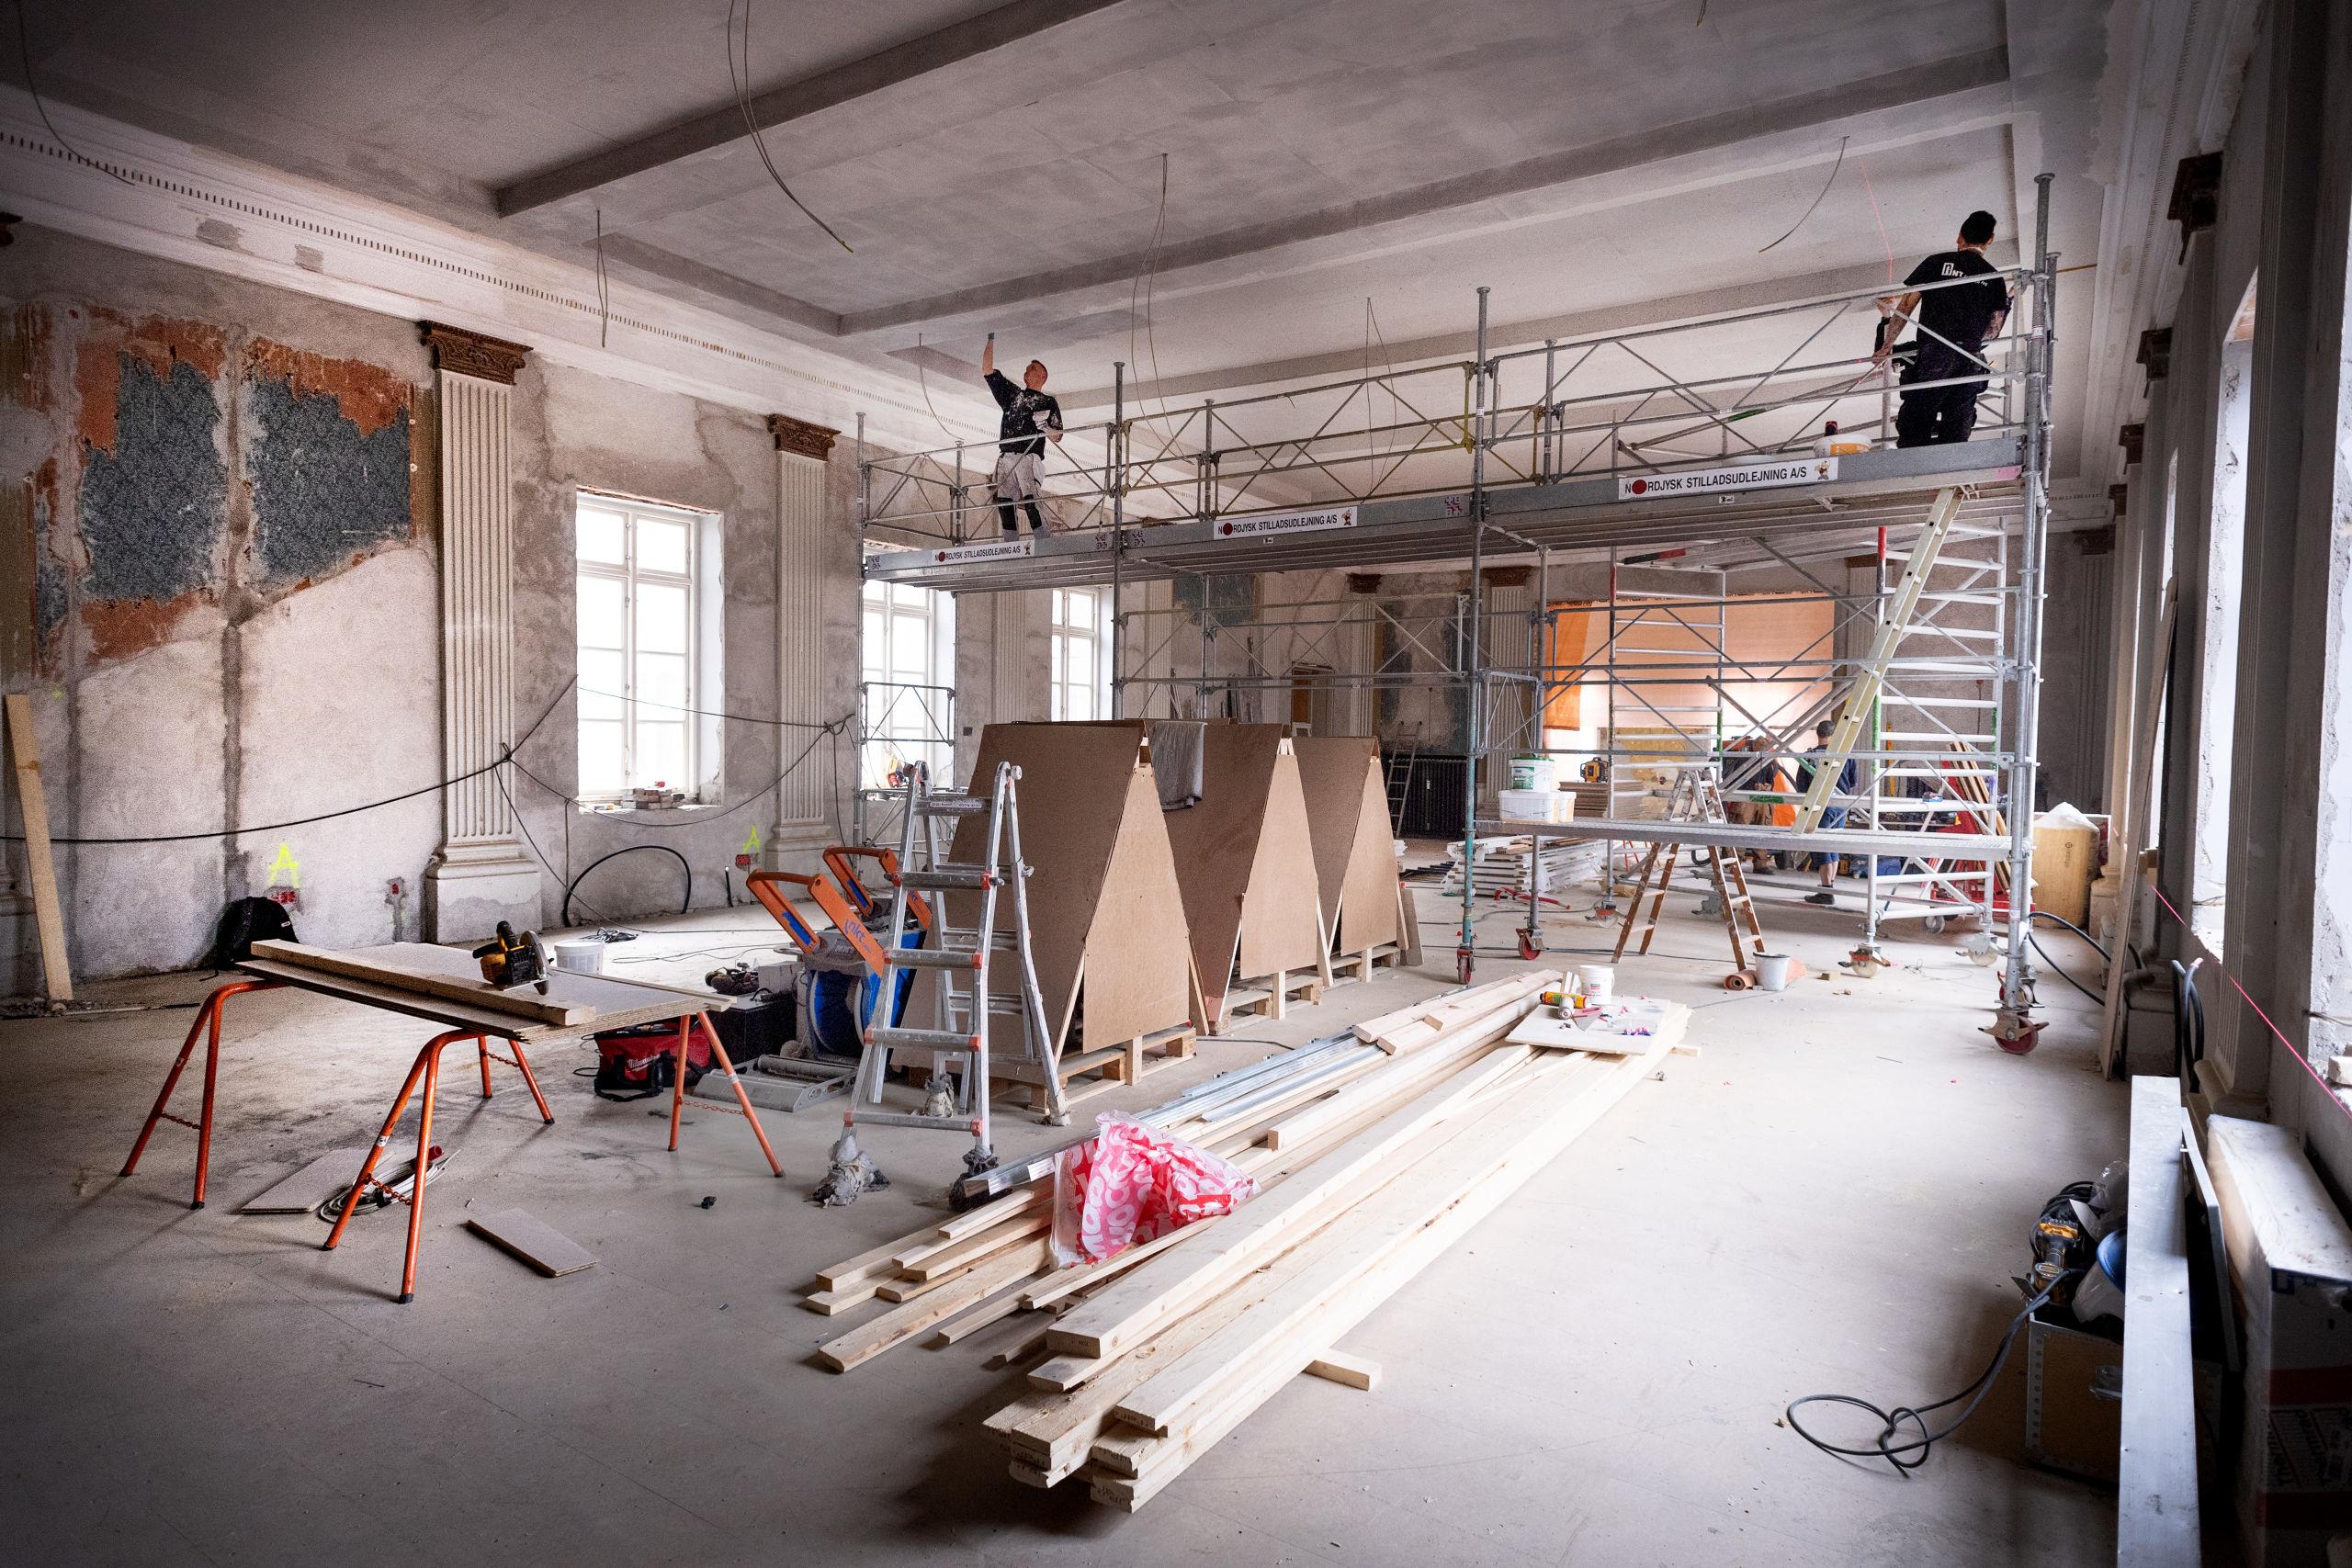 Den tidligere dansesal er i fuld gang med at blive sat i stand. Planen er, at der skal være kontorlokaler. Foto: Torben Hansen